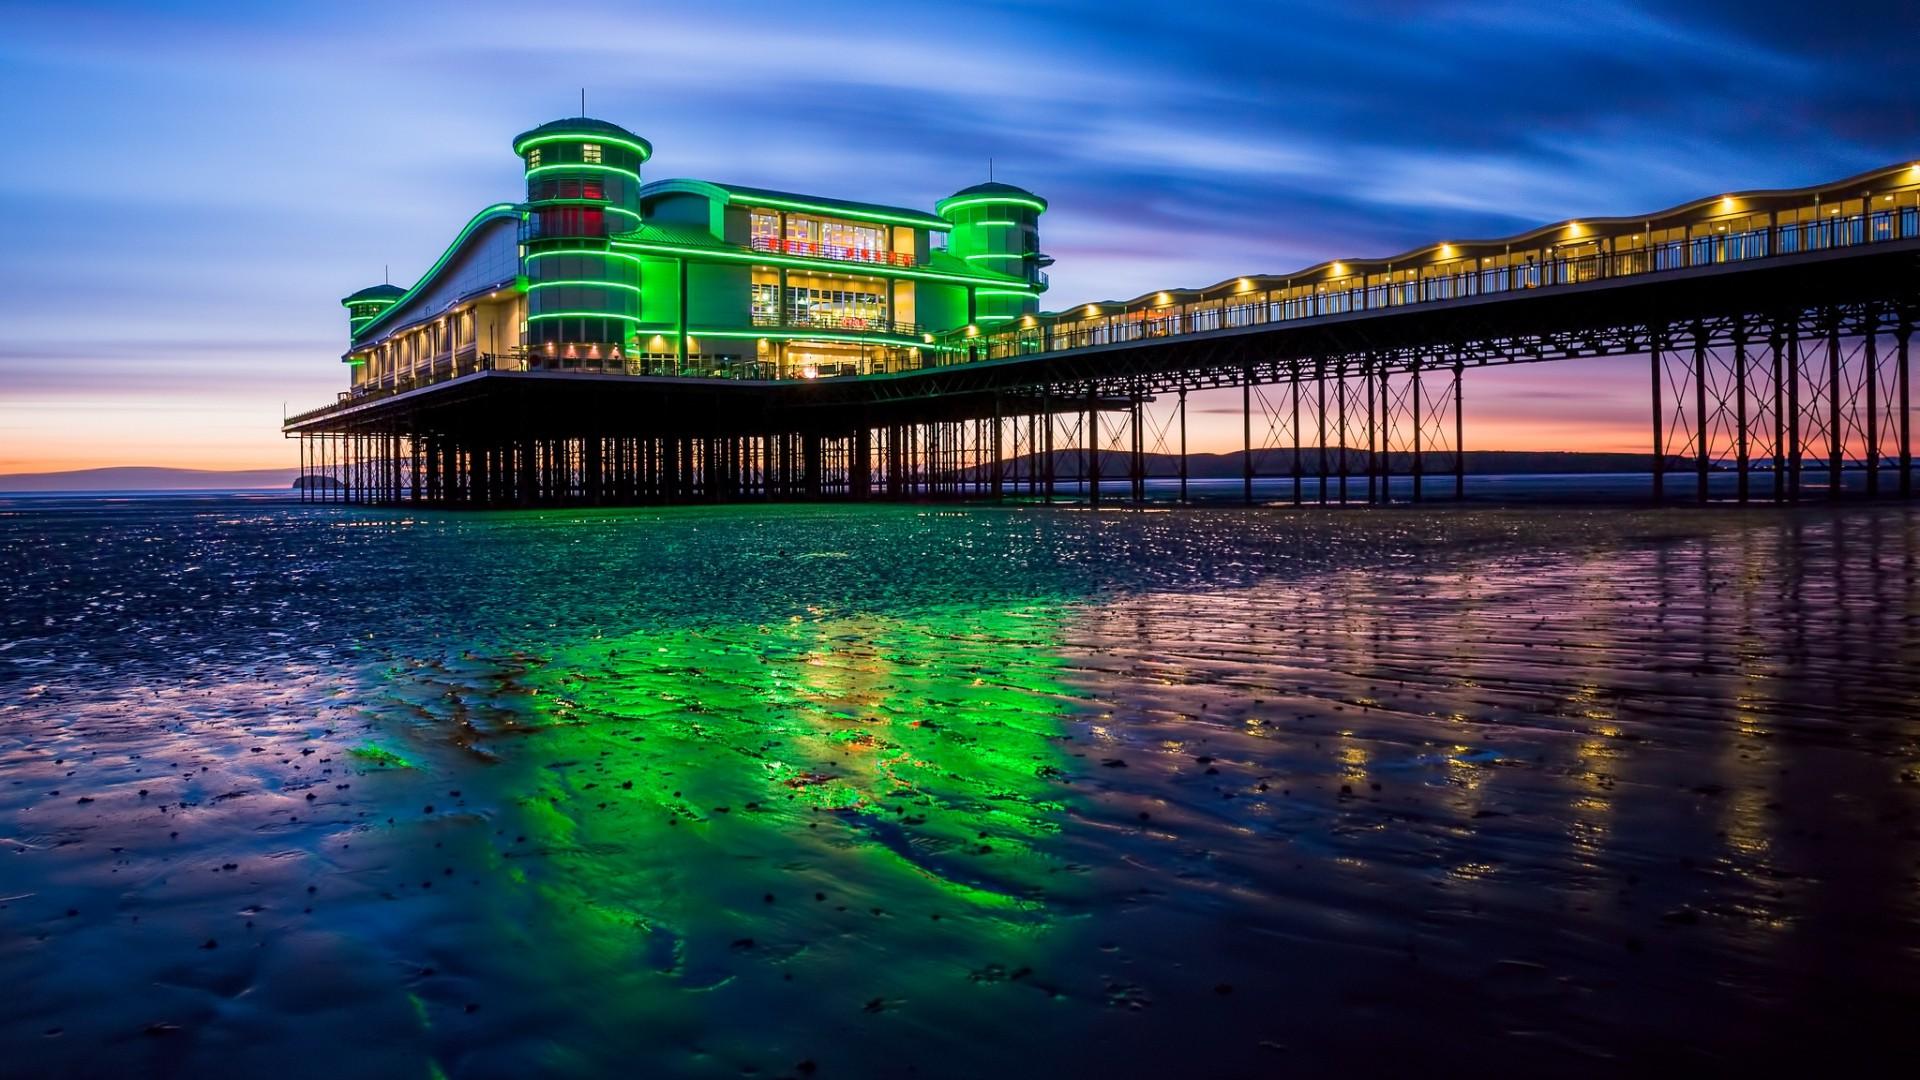 배경 화면 : 1920x1080px, 건축물, 바닷가, 건물, 구름, 연안, 영국, 저녁, 언덕, 경치 ...